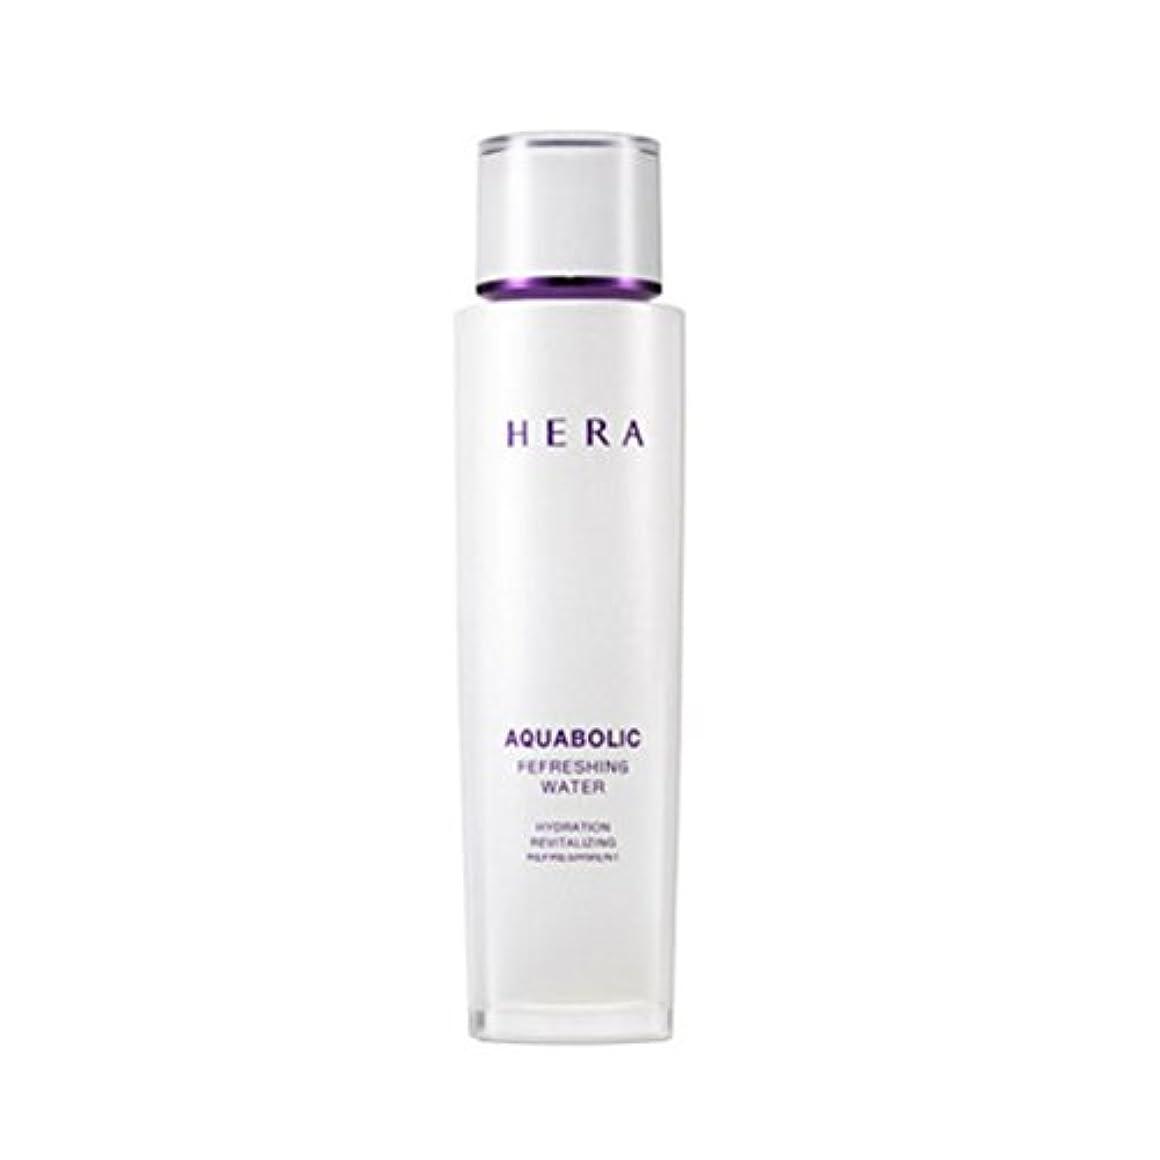 累計侵入惨めな(ヘラ) HERA アクアボリック リフレッシングウォーター (化粧水) 150ml / Aquabolic Refreshing Water 150ml (韓国直発送)